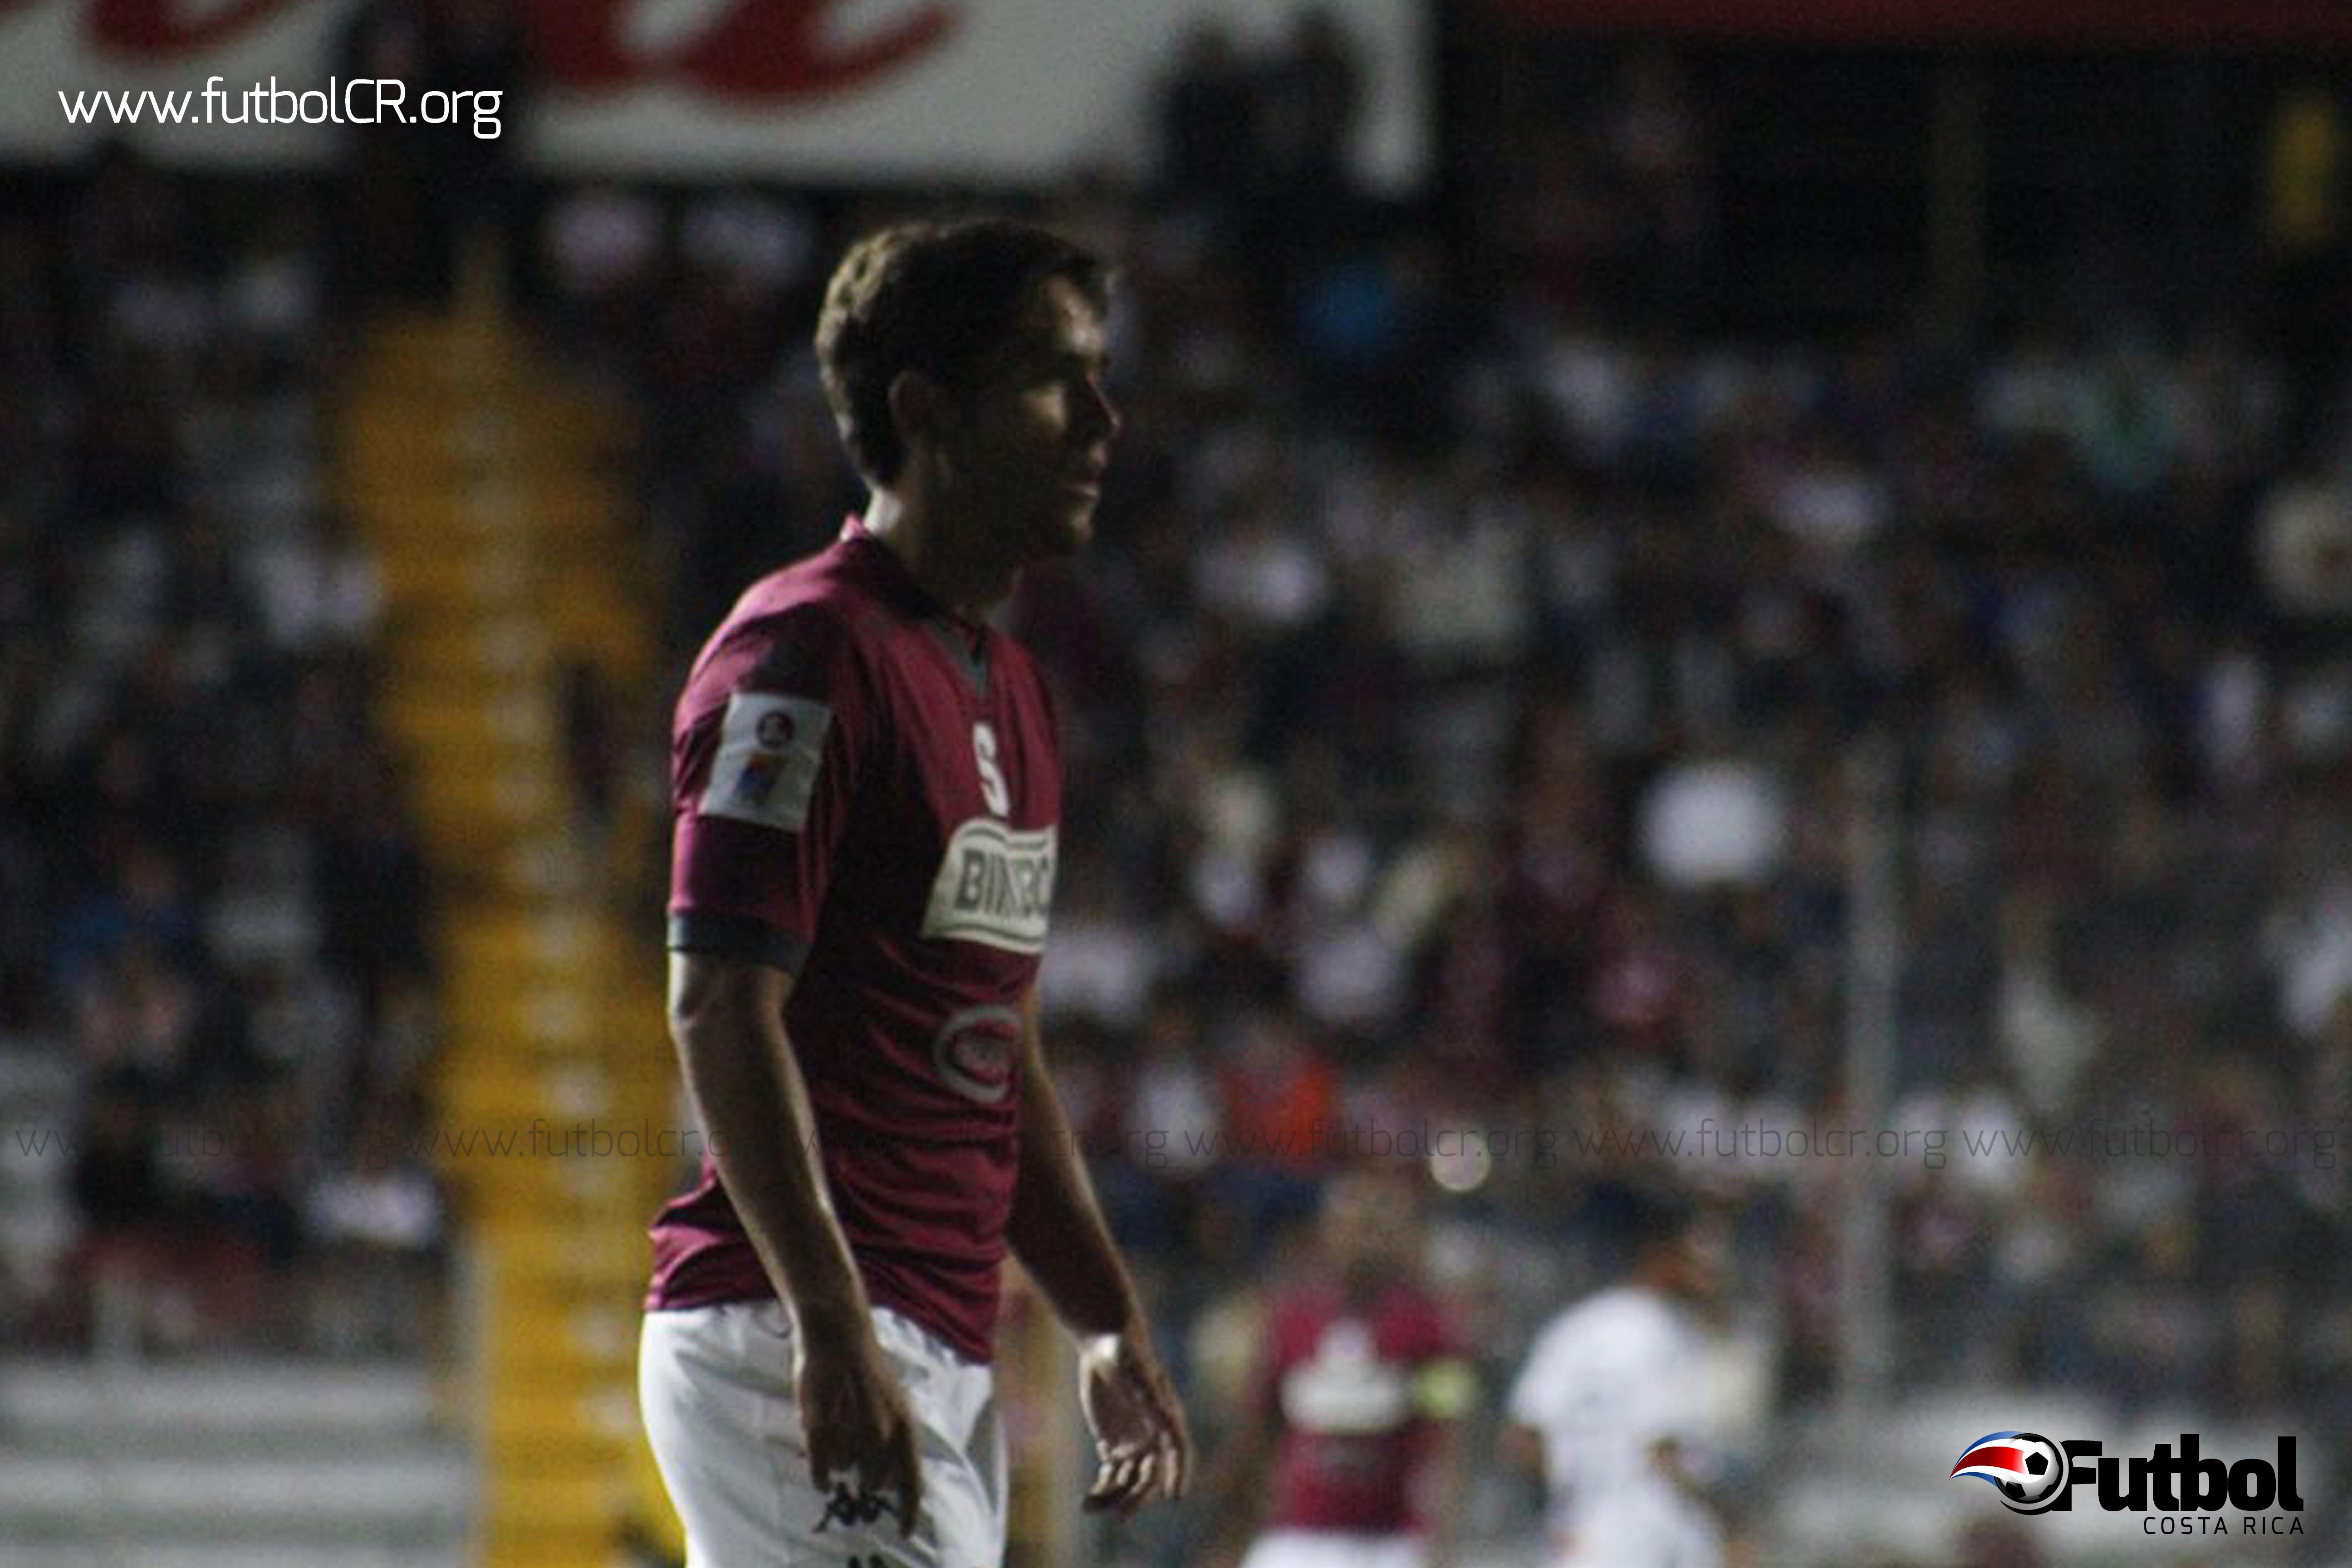 Jonathan Moya en su debut con los morados fue determinante para la victoria, aunque no anotó, supo distraer.